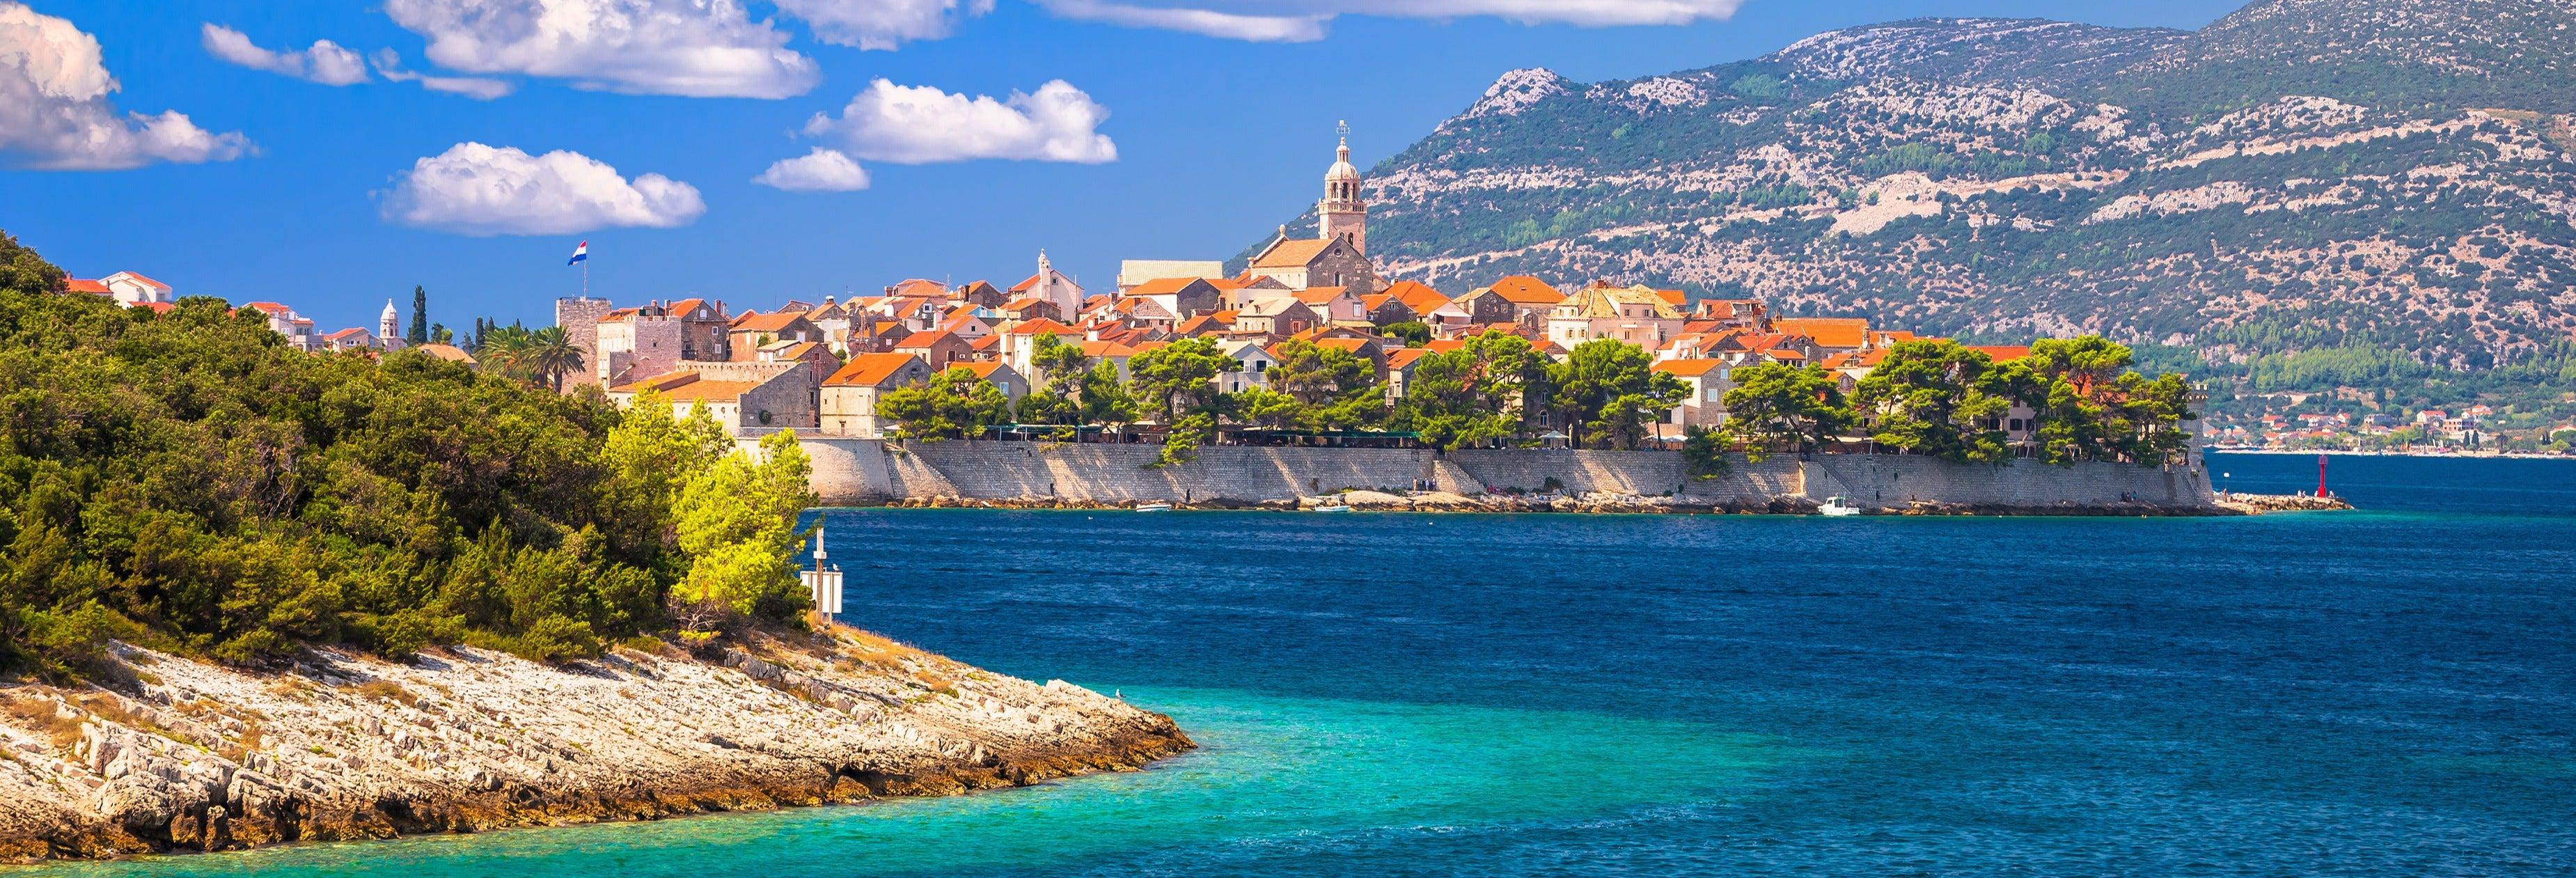 Excursión privada desde Dubrovnik